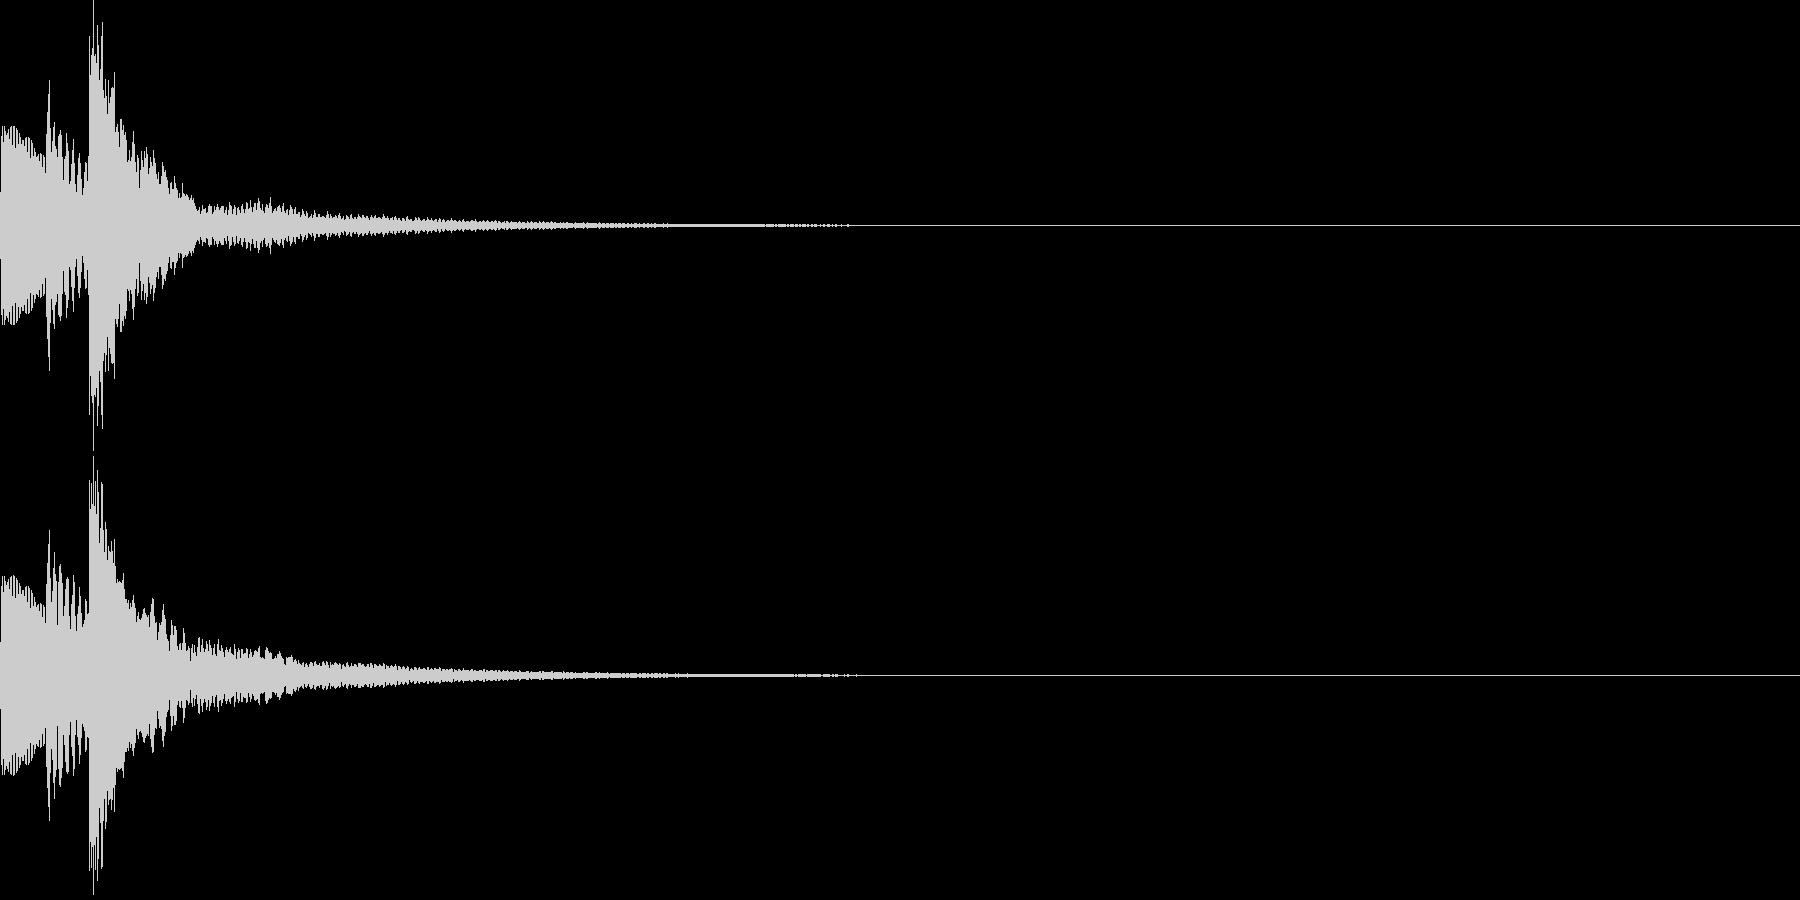 キラん☆シンプルな発見音 選択音 入手音の未再生の波形